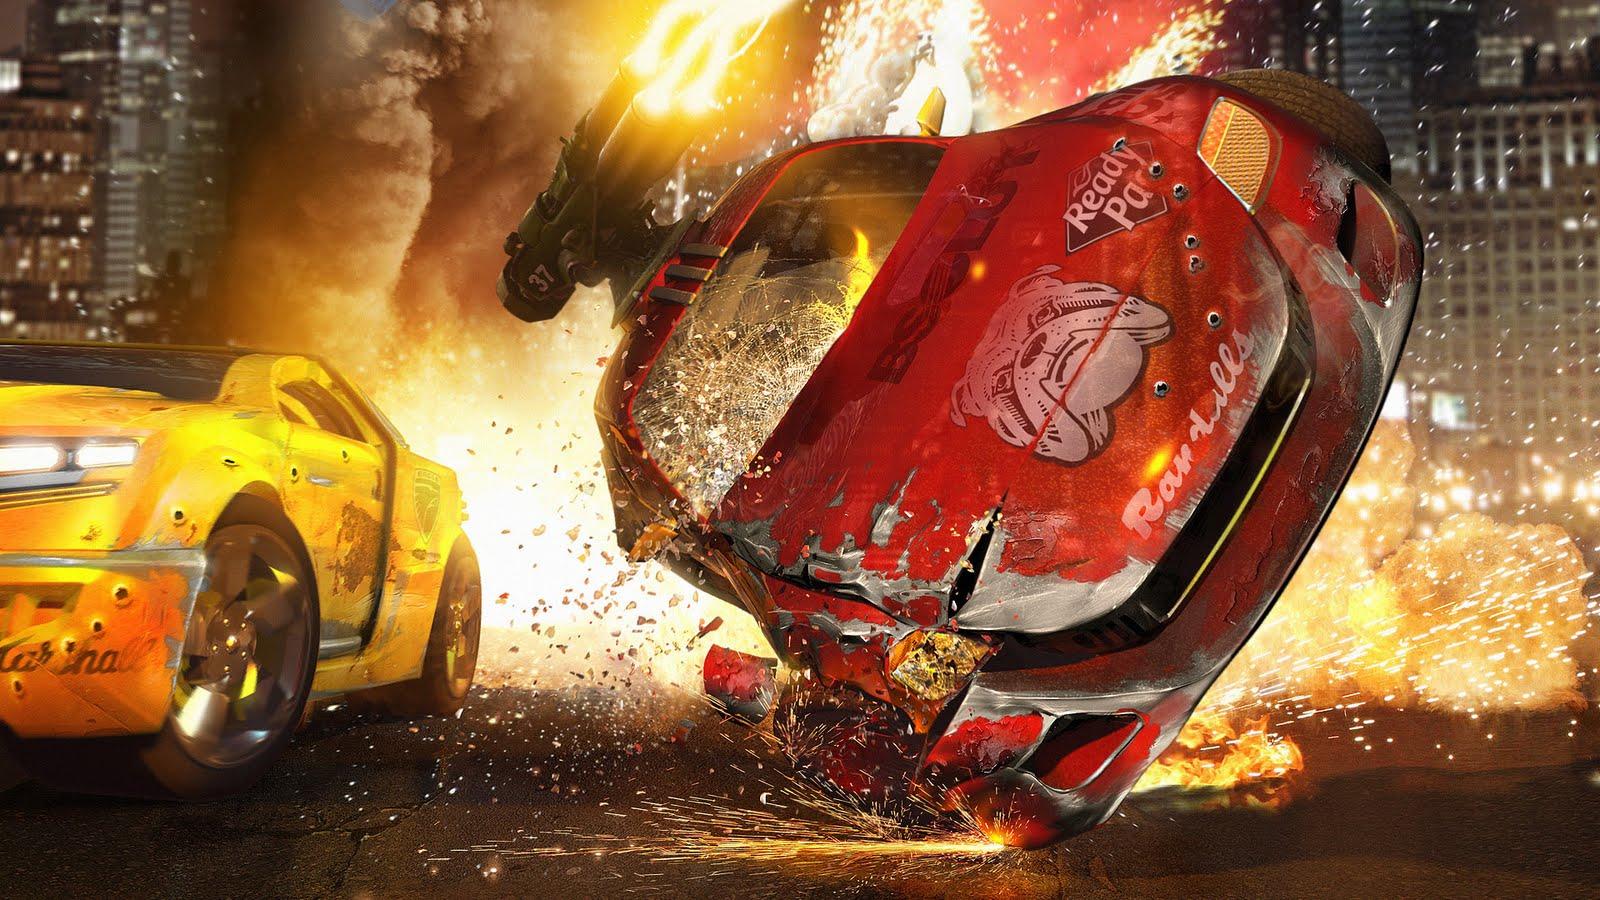 http://2.bp.blogspot.com/_8qbX53JsRPc/S-KaDTVoWbI/AAAAAAAAAFc/q59fAR6UvmI/s1600/Car+Game+(39).jpg